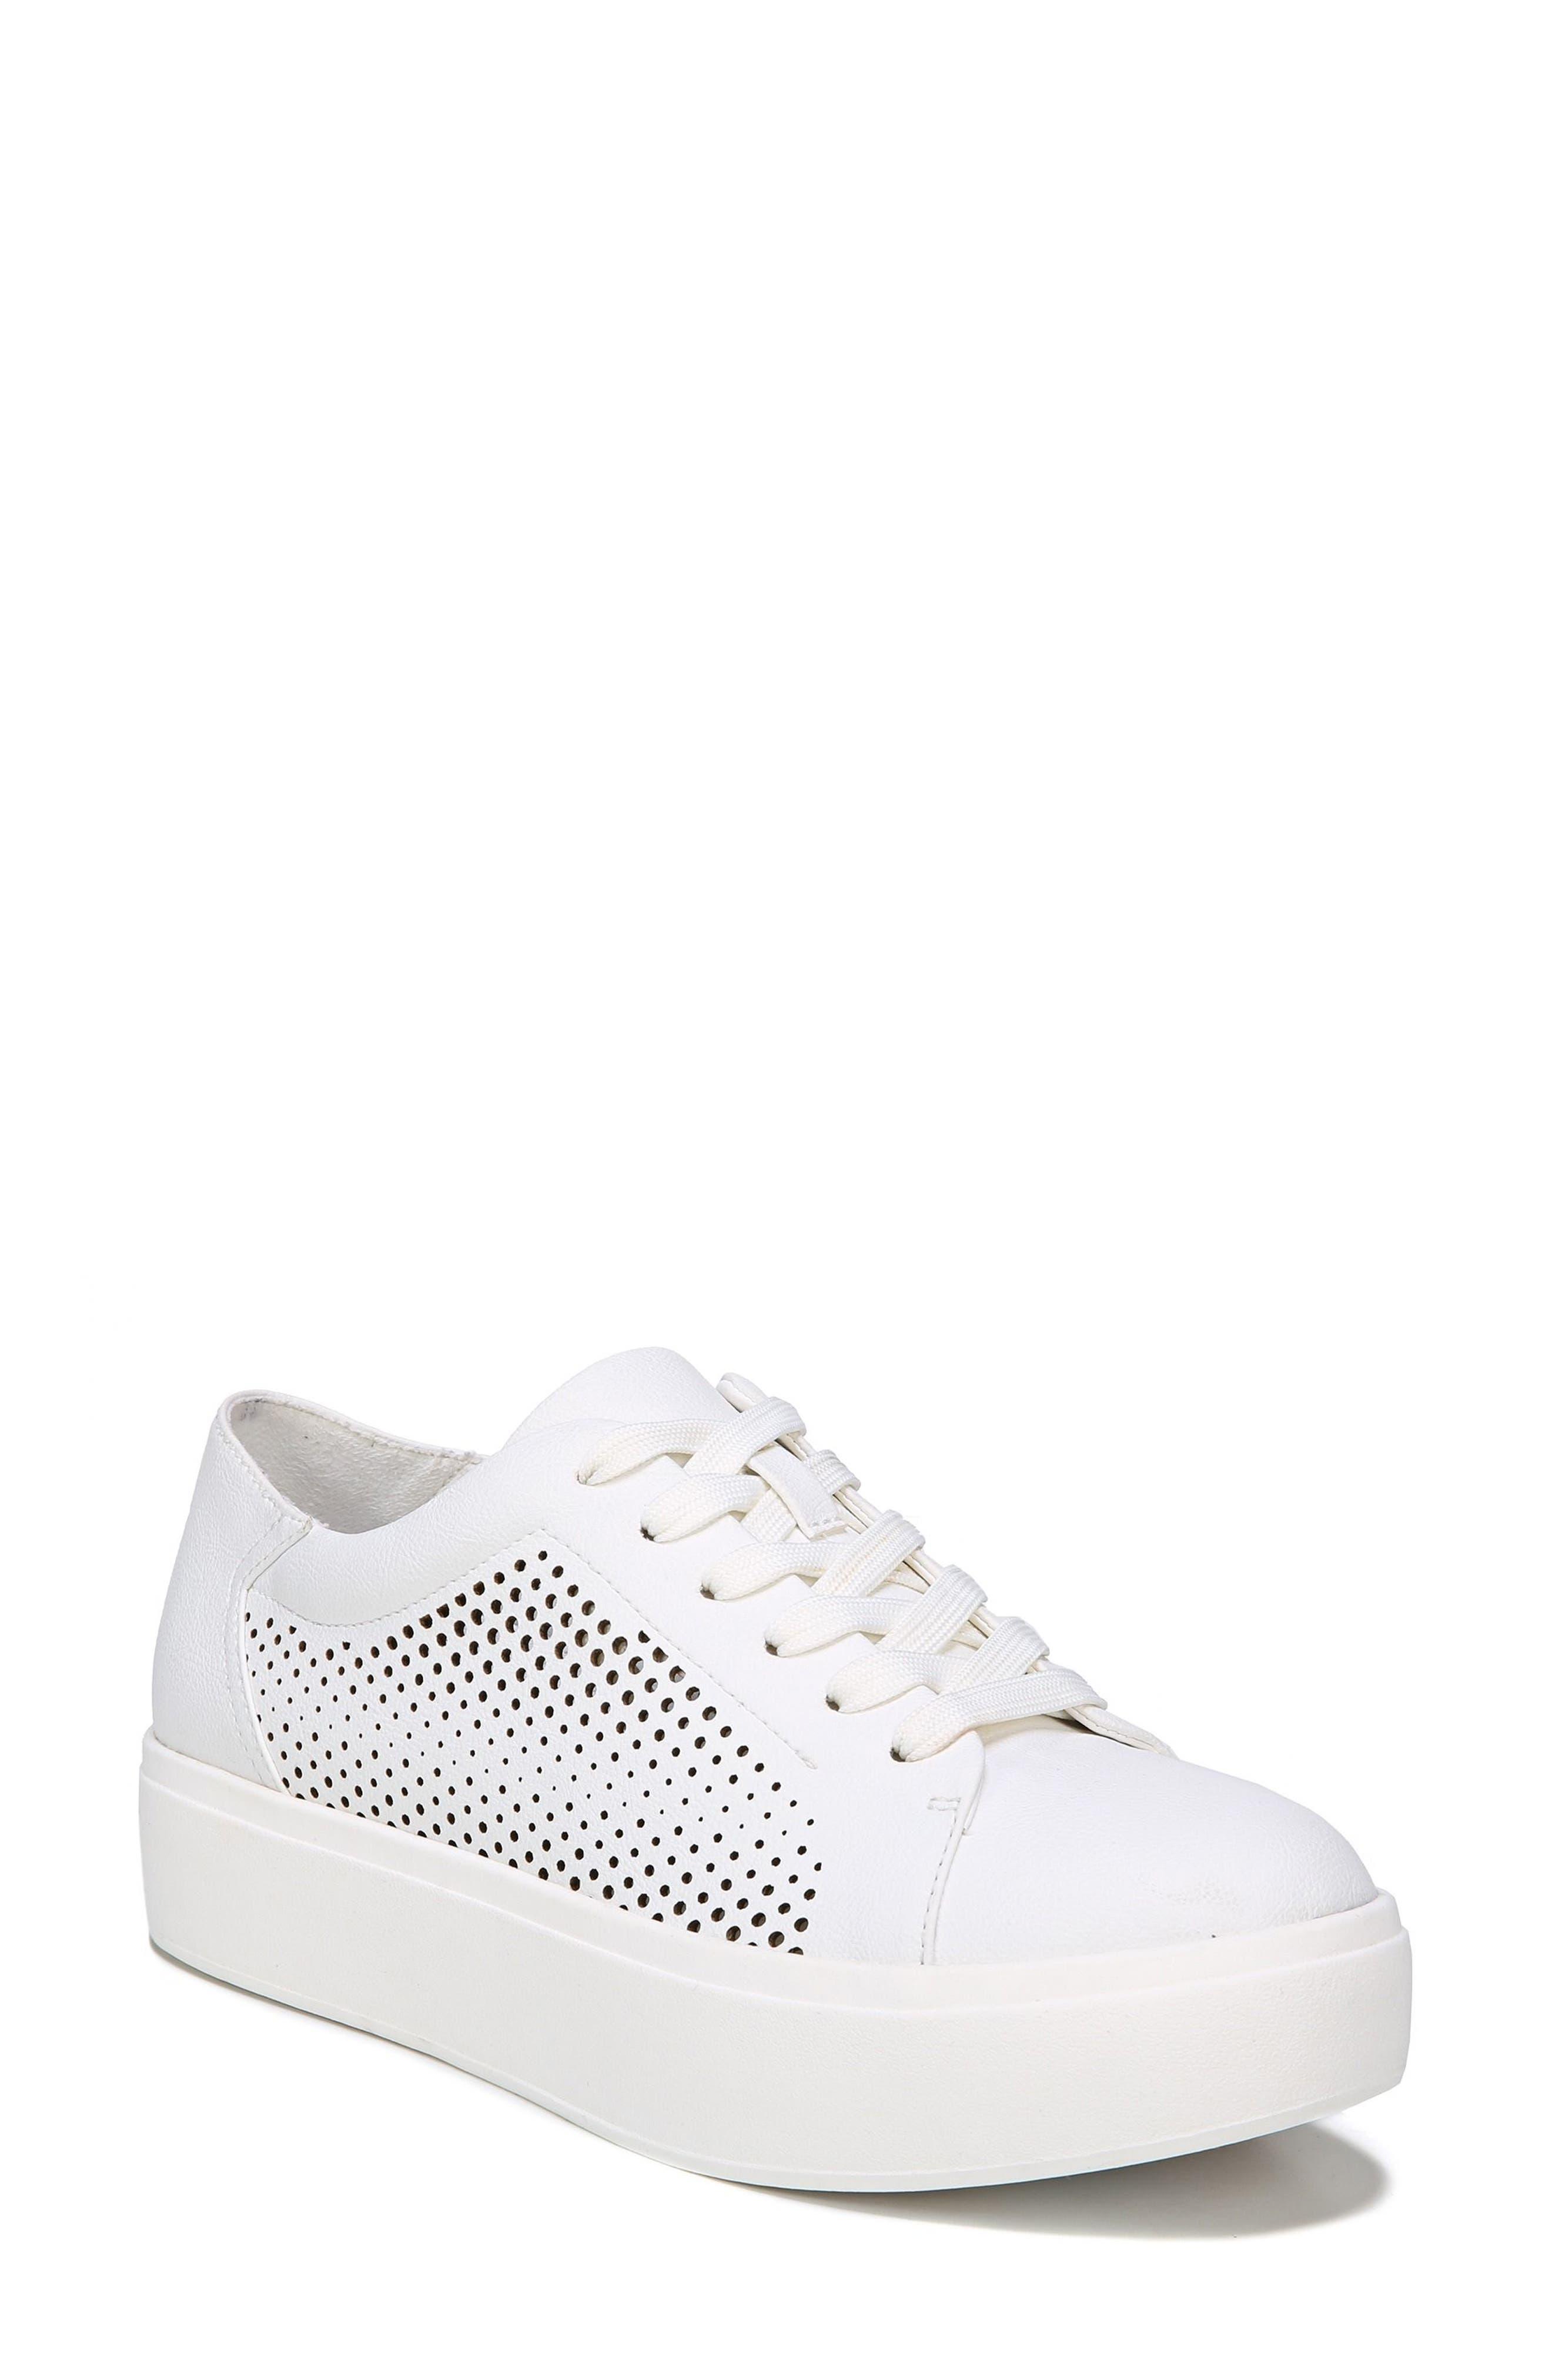 Kinney Platform Sneaker,                         Main,                         color, White